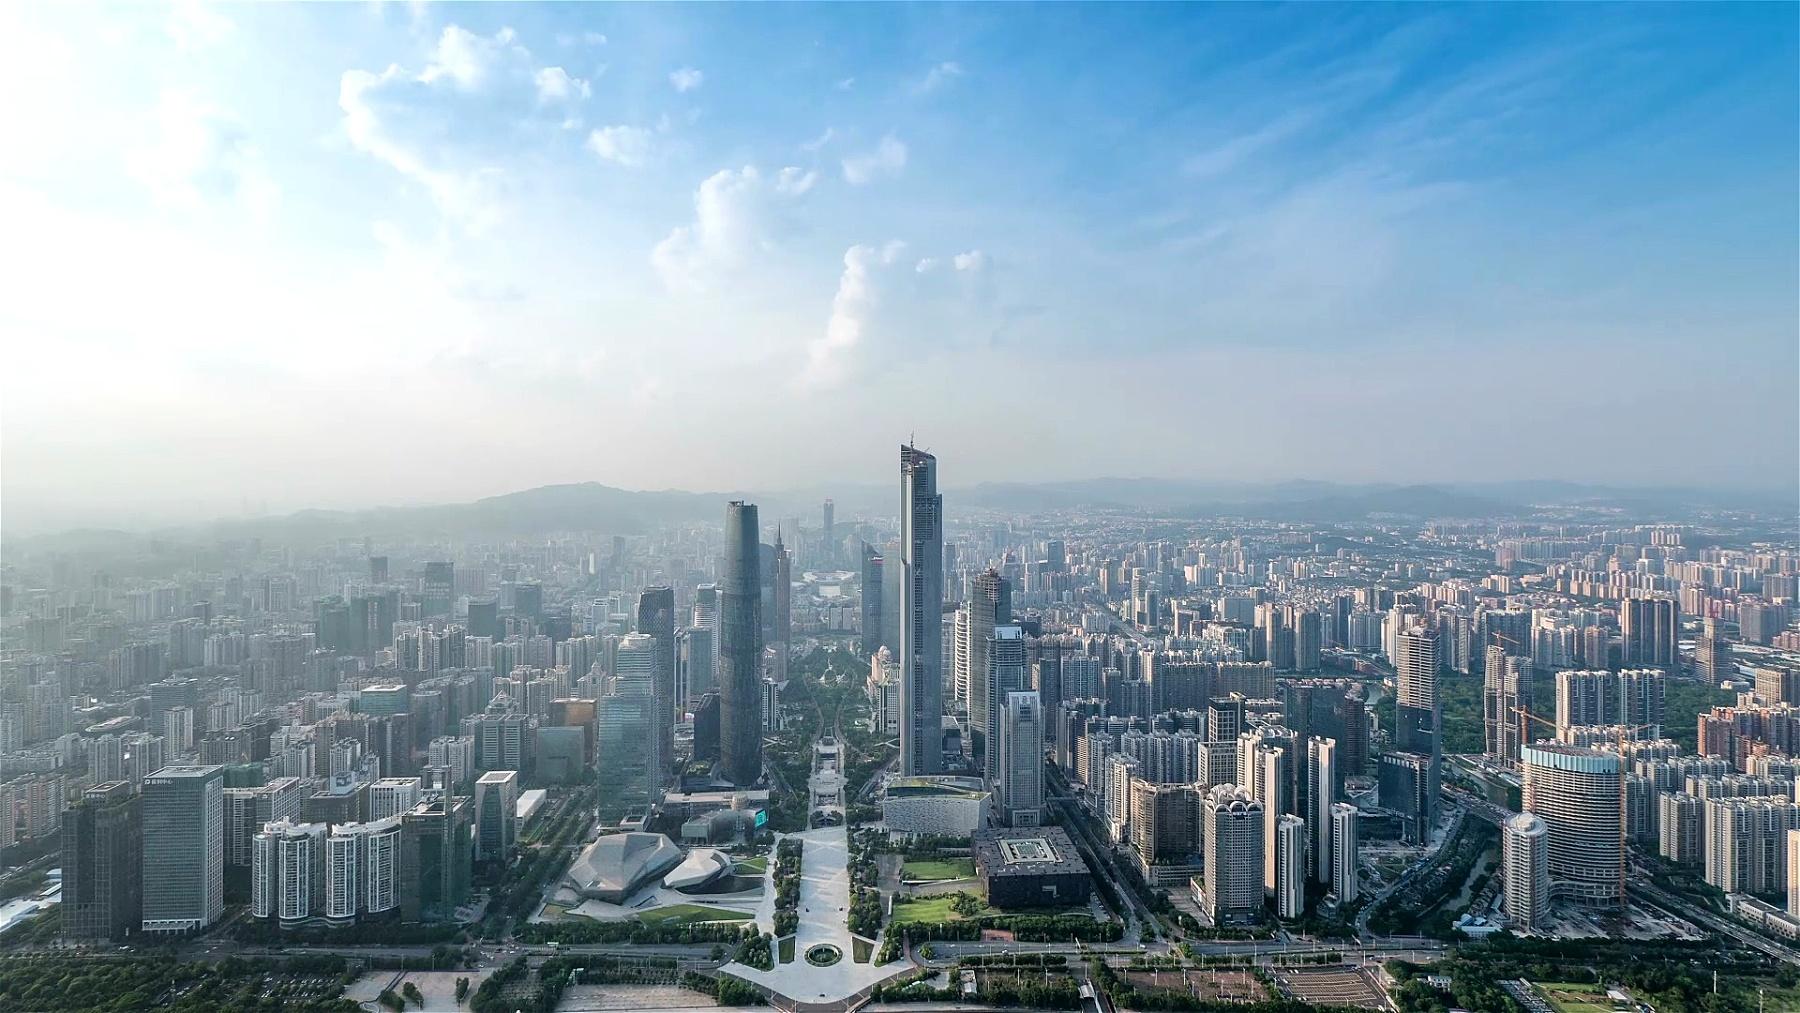 全景鸟瞰广州的天际线,建筑物和交通,延时摄影。